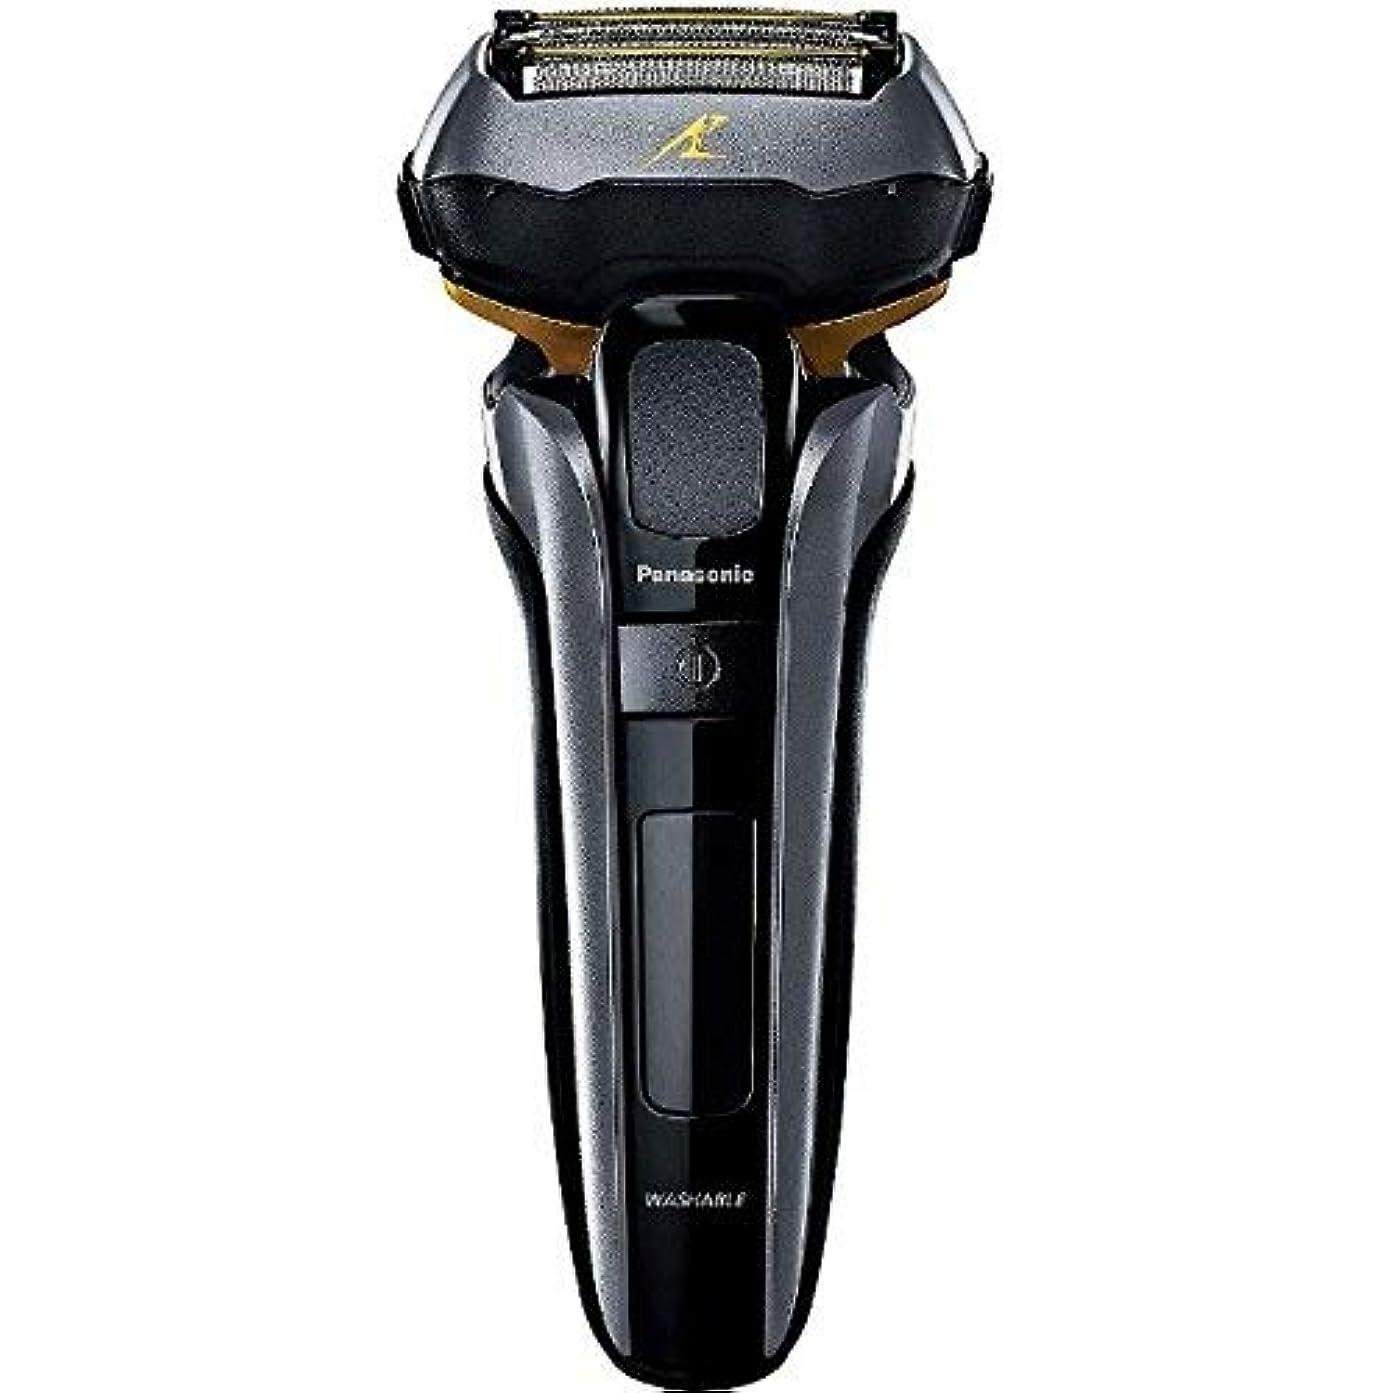 ポルティコ共産主義一時停止パナソニック 電気シェーバー (黒)Panasonic ラムダッシュ 【5枚刃】 ES-LV5C の限定モデル ES-CLV5C-K